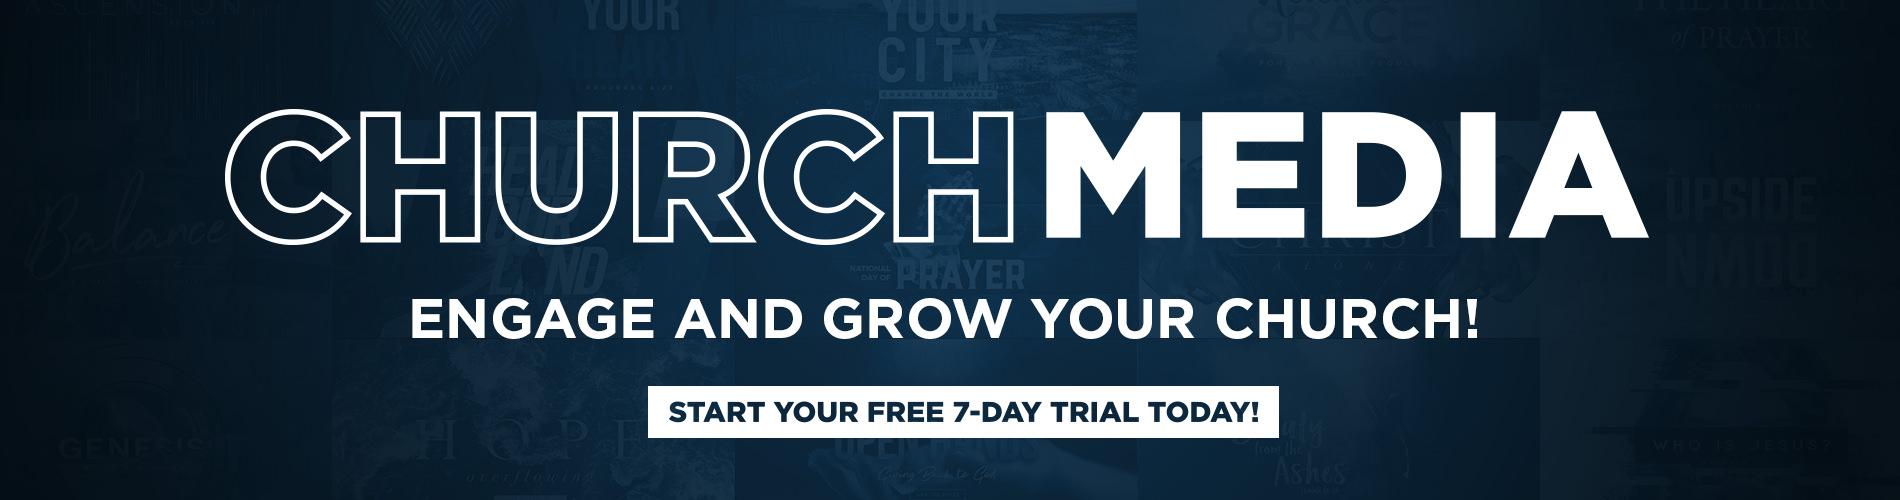 Church Media Free Trial